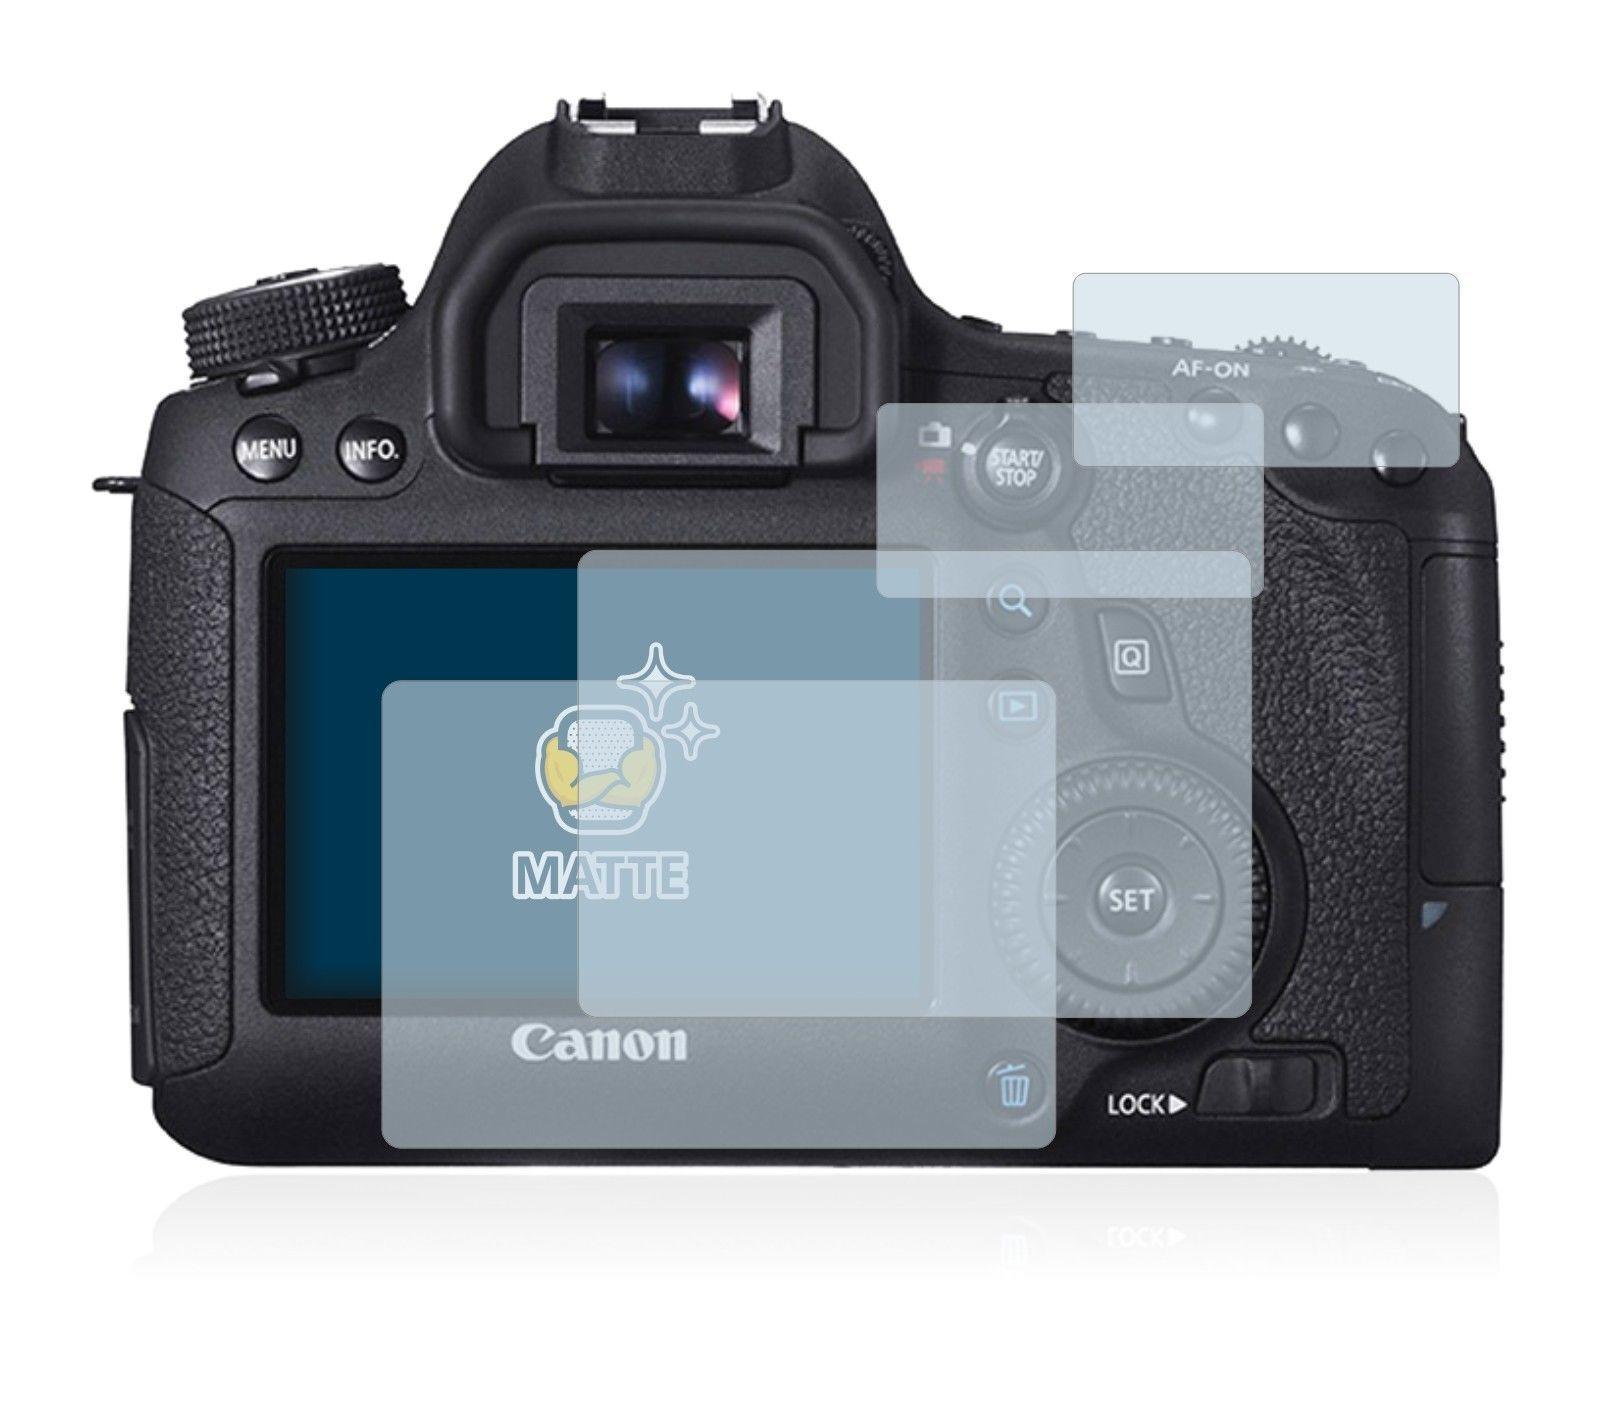 iLLumiShield Anti-Glare Matte Screen Protector 3x for Canon EOS 500D Rebel T1i